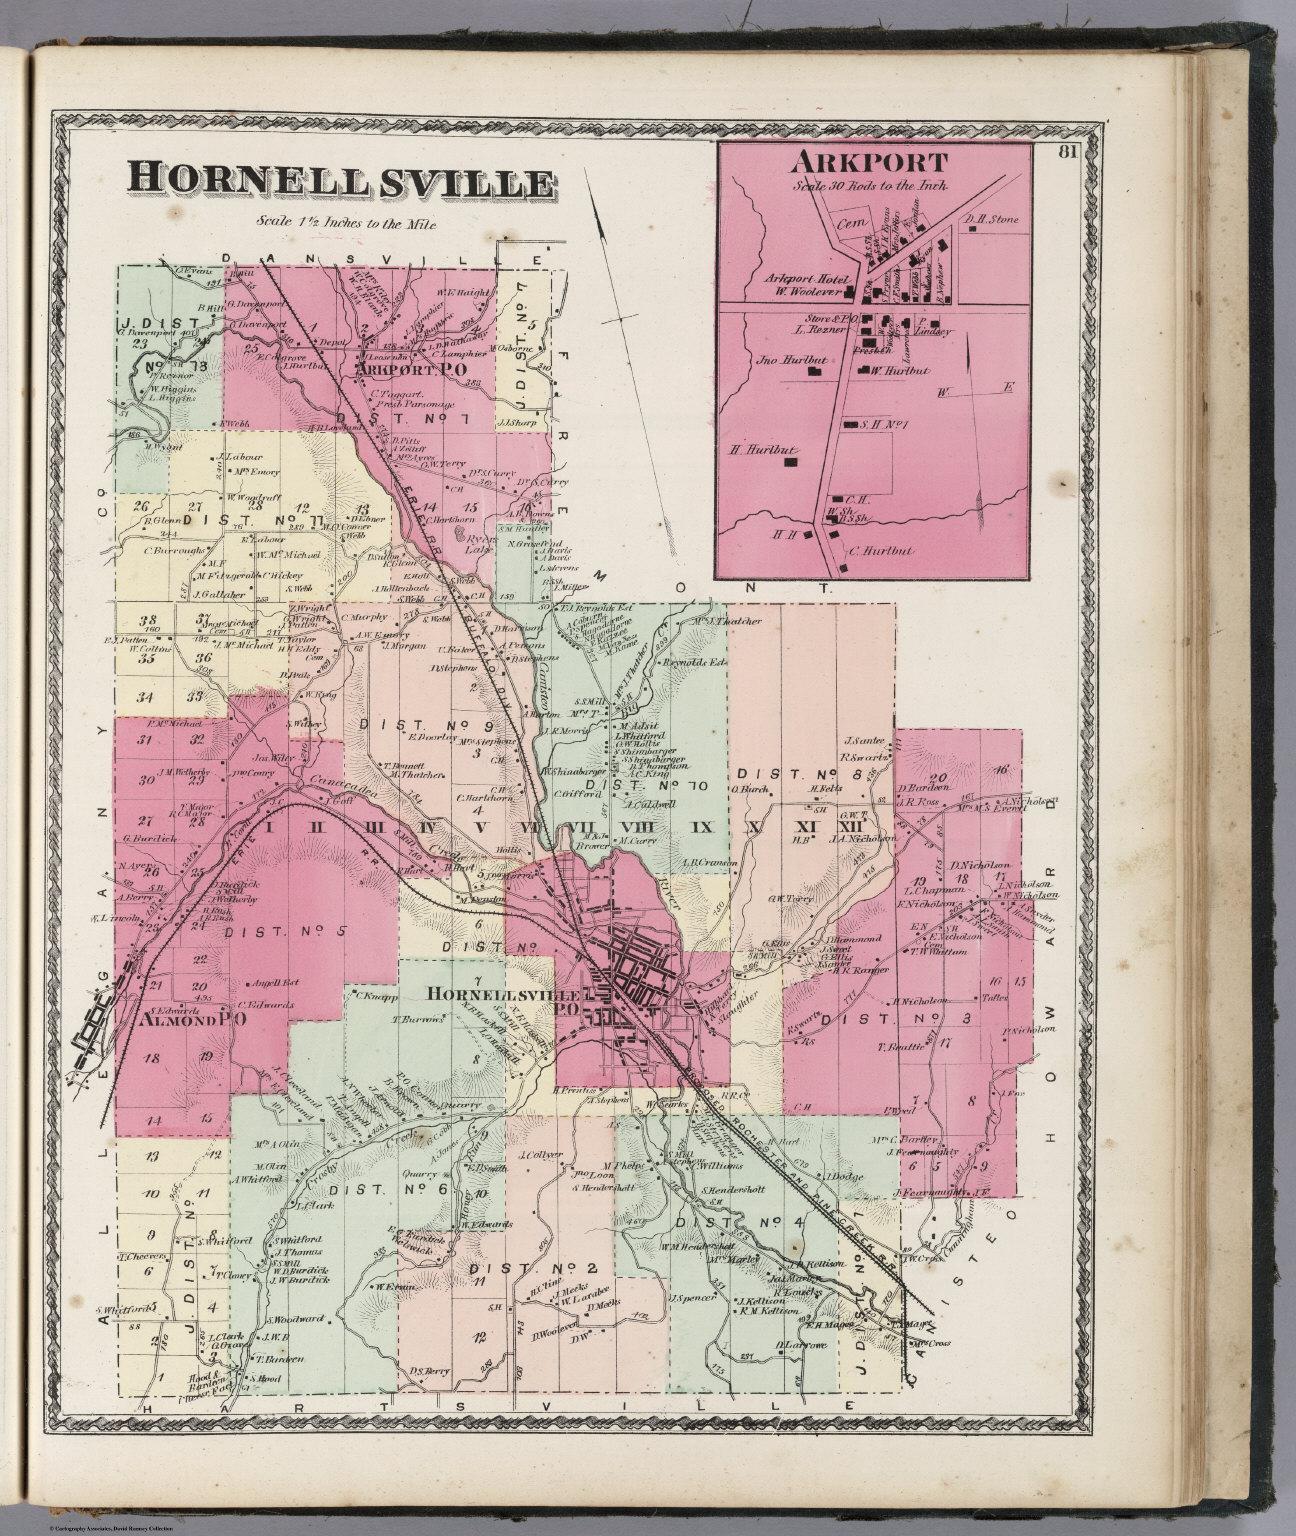 Hornellsville.